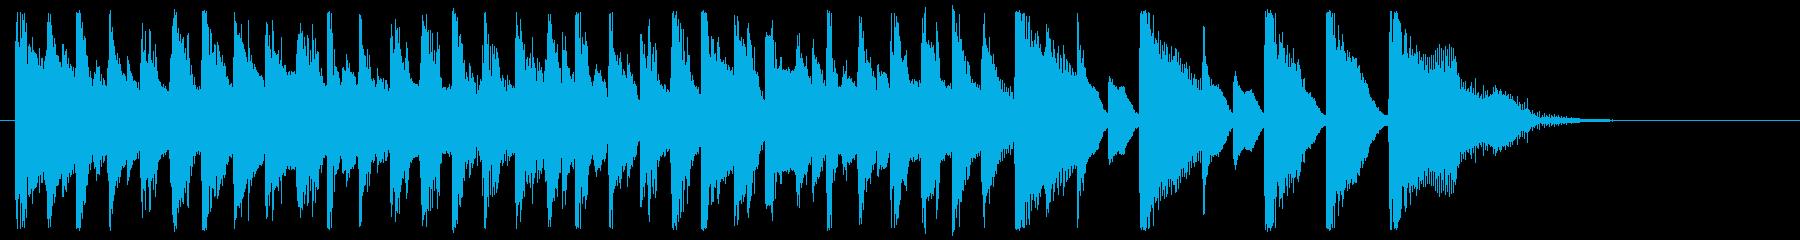 可愛いジングル、覚えやすいテーマの曲の再生済みの波形